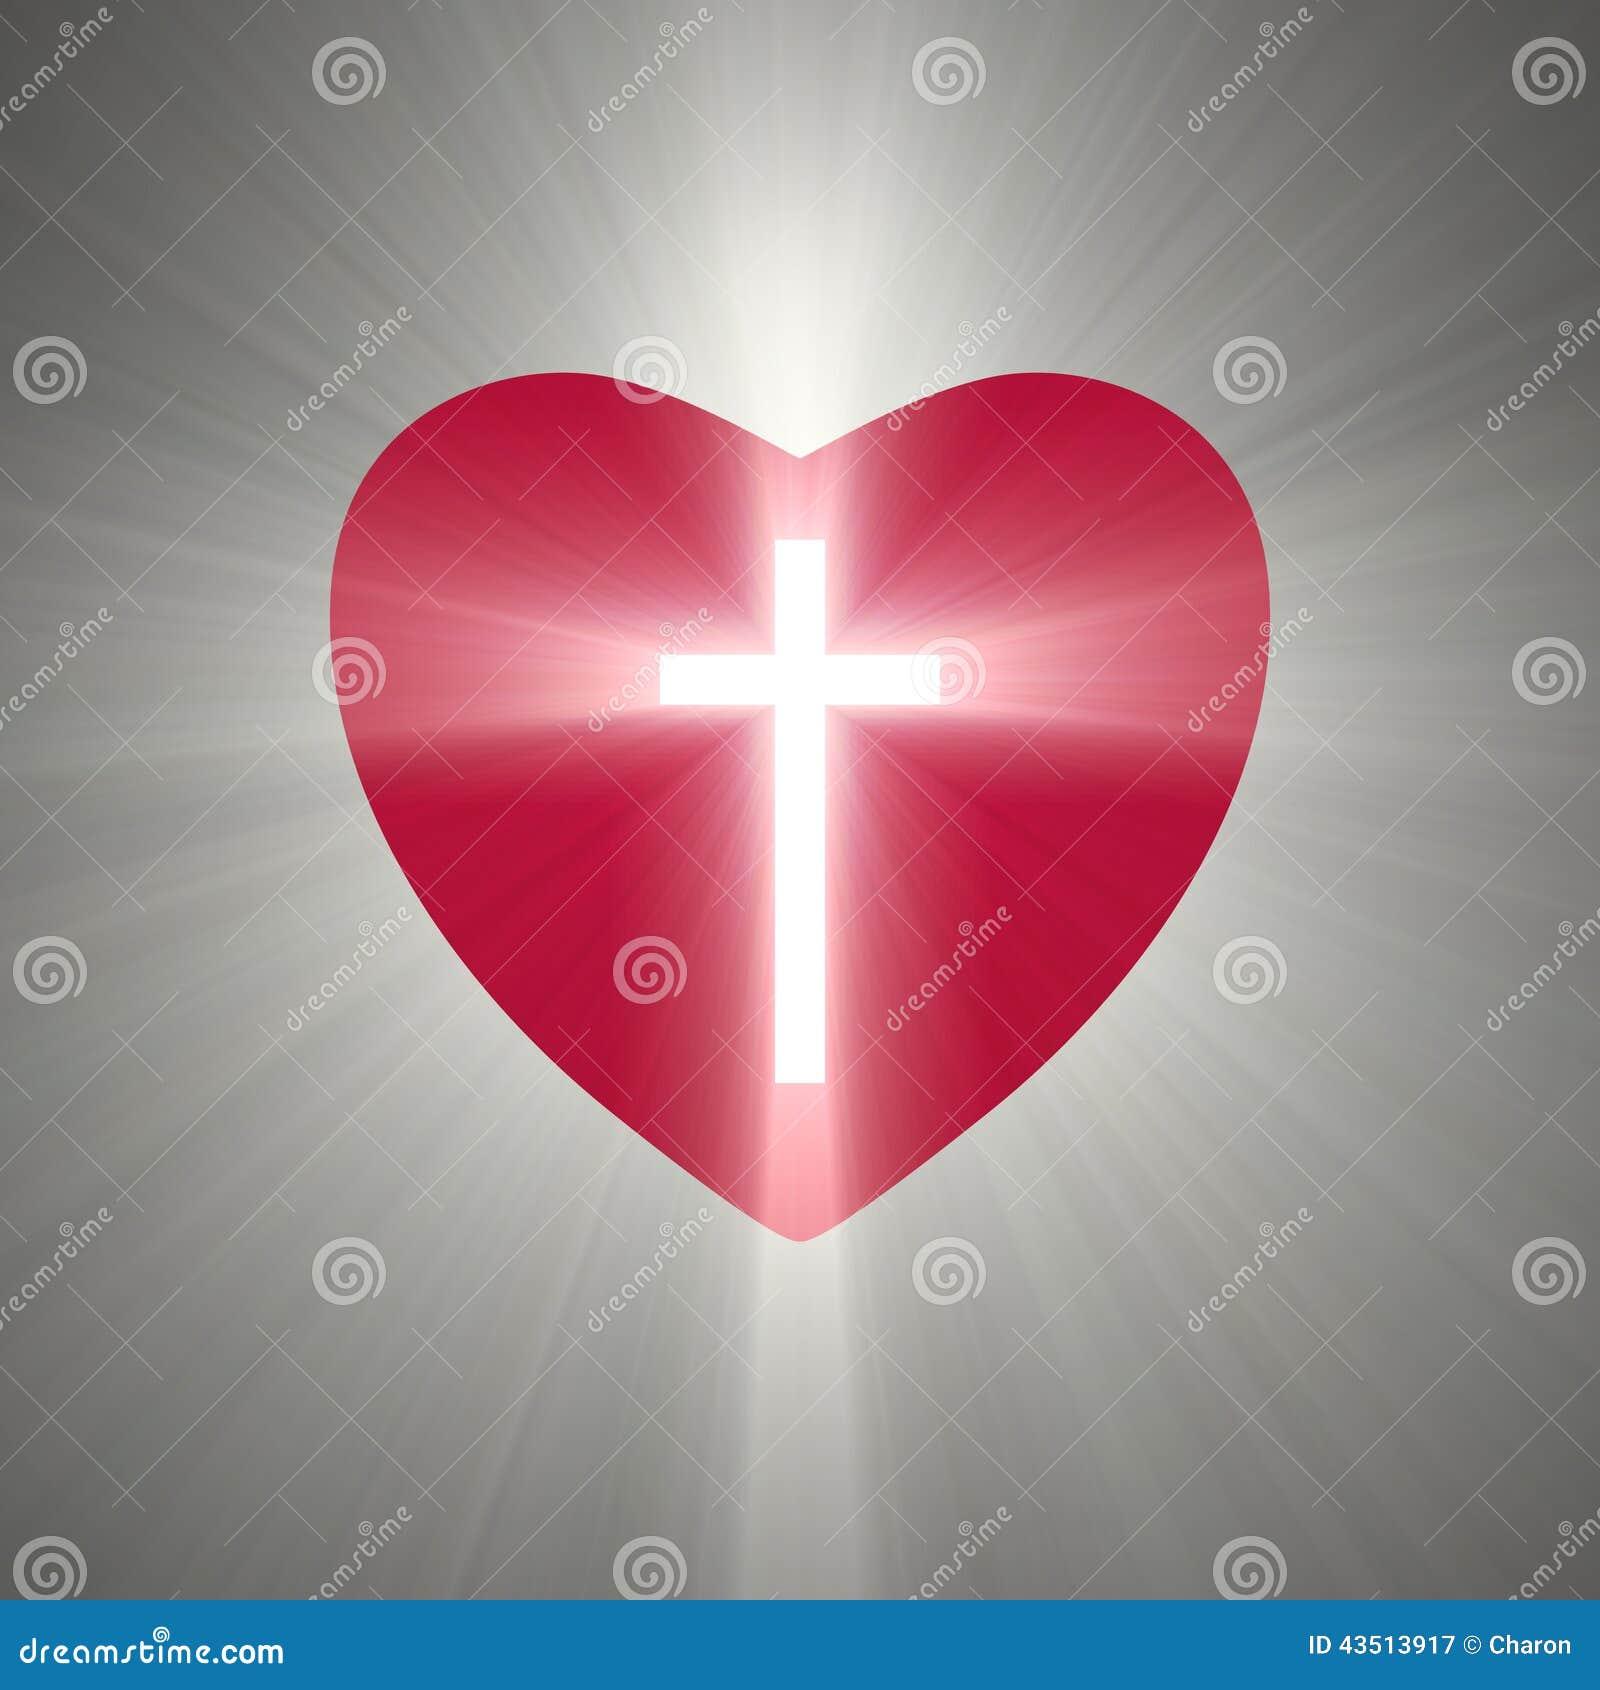 Herzform mit einem glänzenden Kreuz nach innen